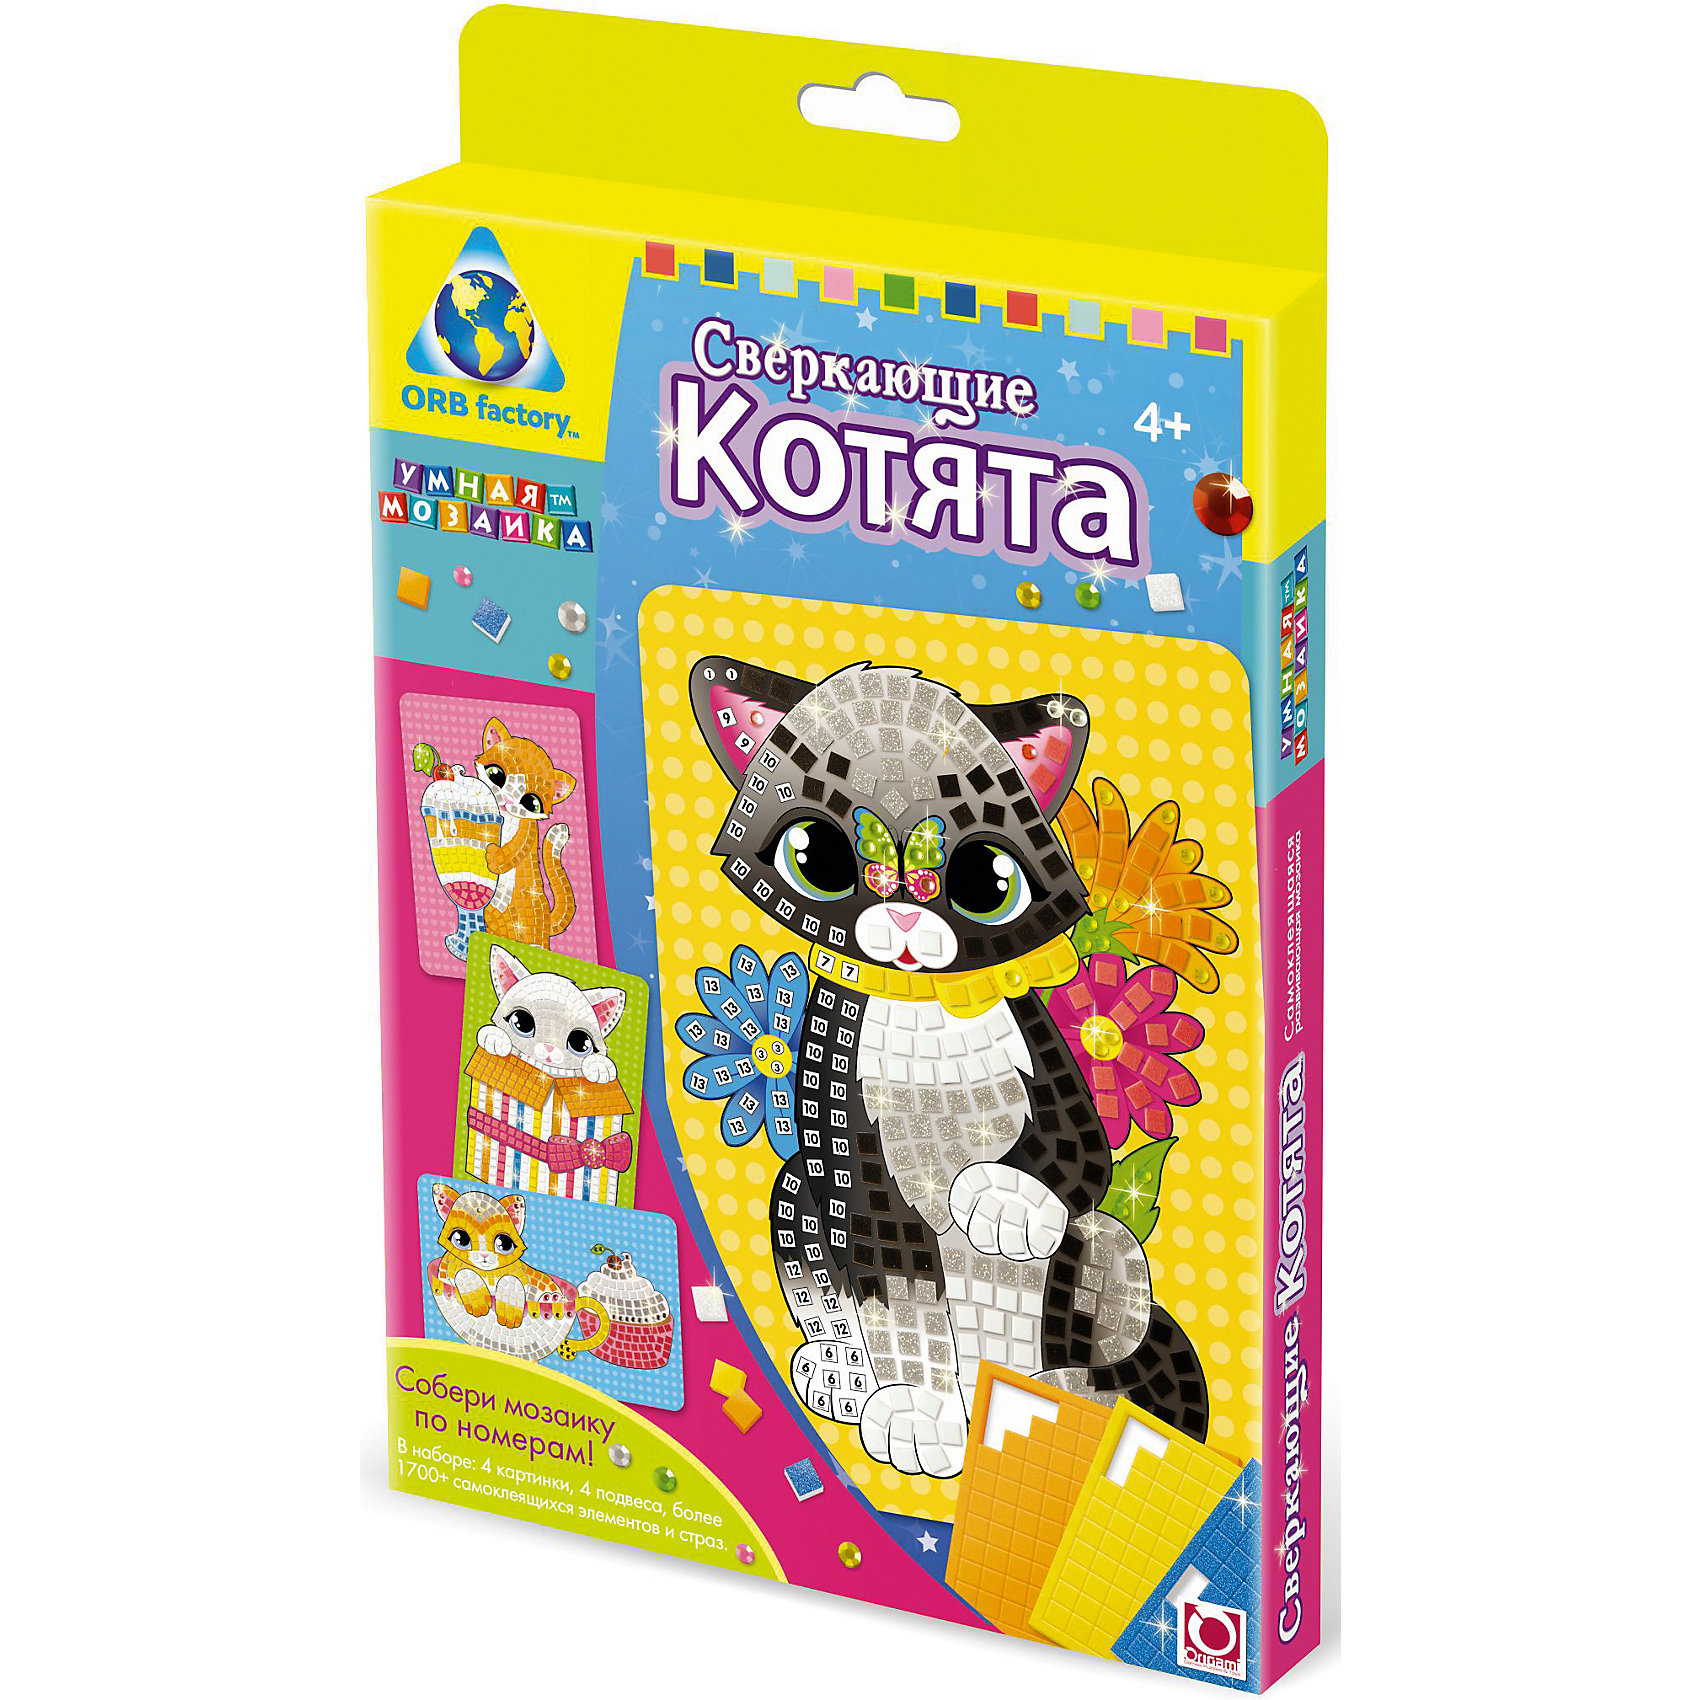 Origami Мозаика-набор Сверкающие котята, 4 картинки origami мозаика набор дельфины 4 шт оригами